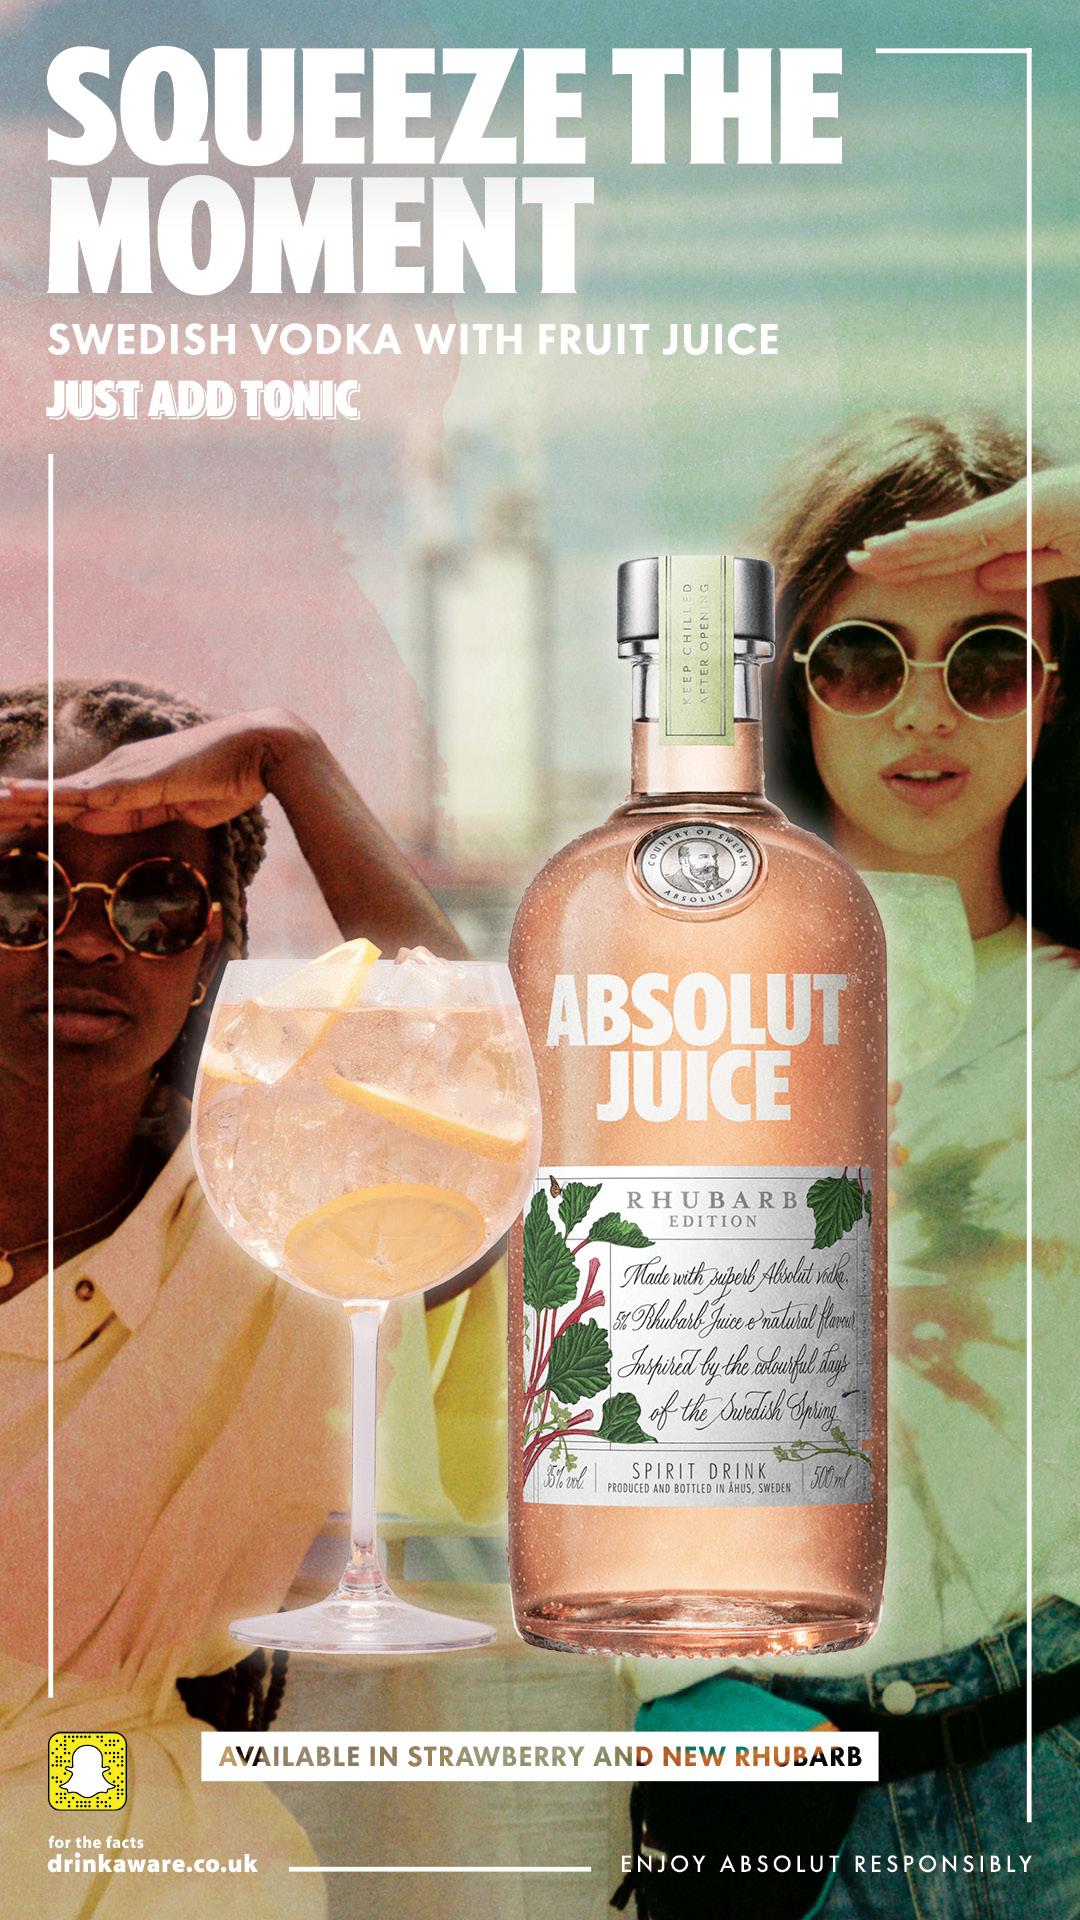 Absolut_Juice_Squeeze_OOH_UK2.jpg